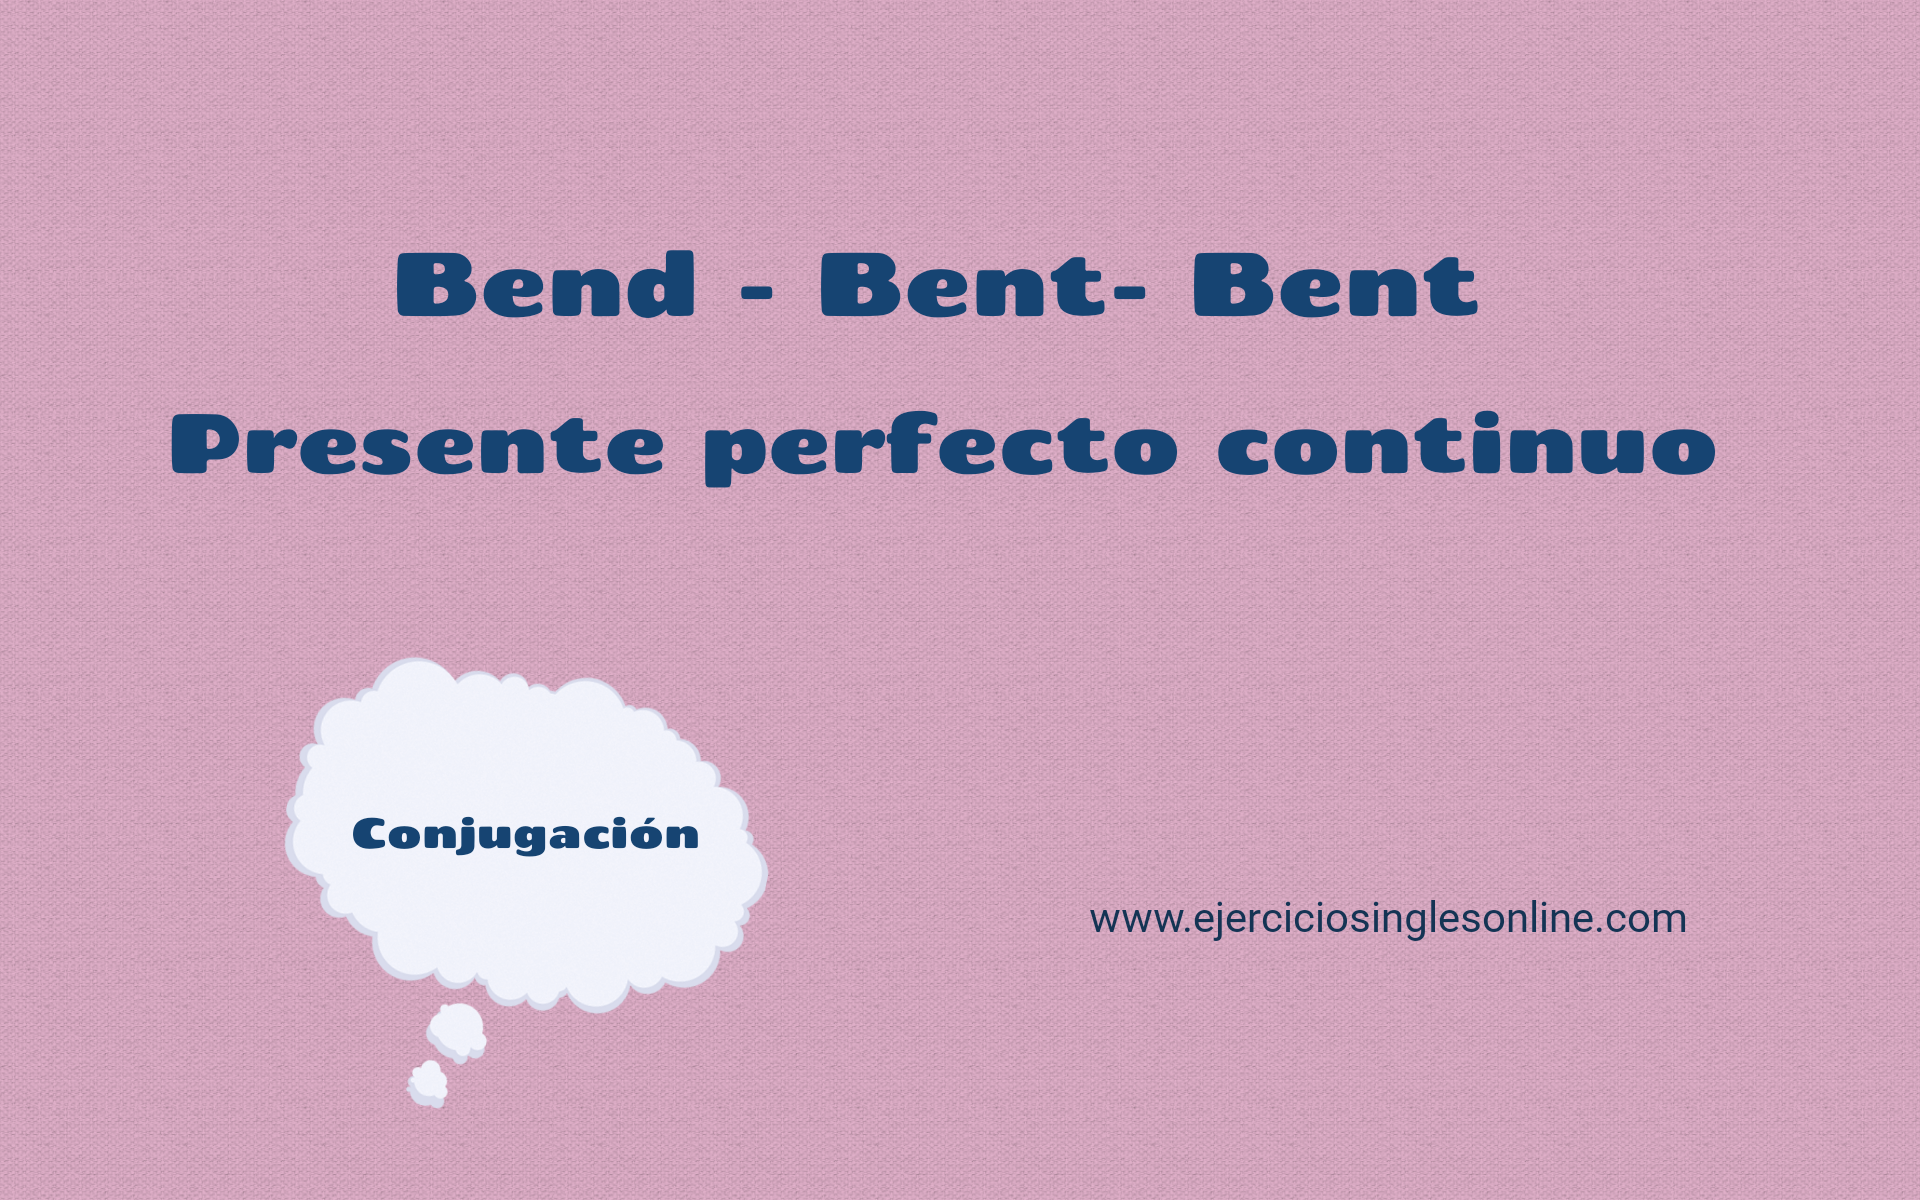 Bend - Presente perfecto continuo